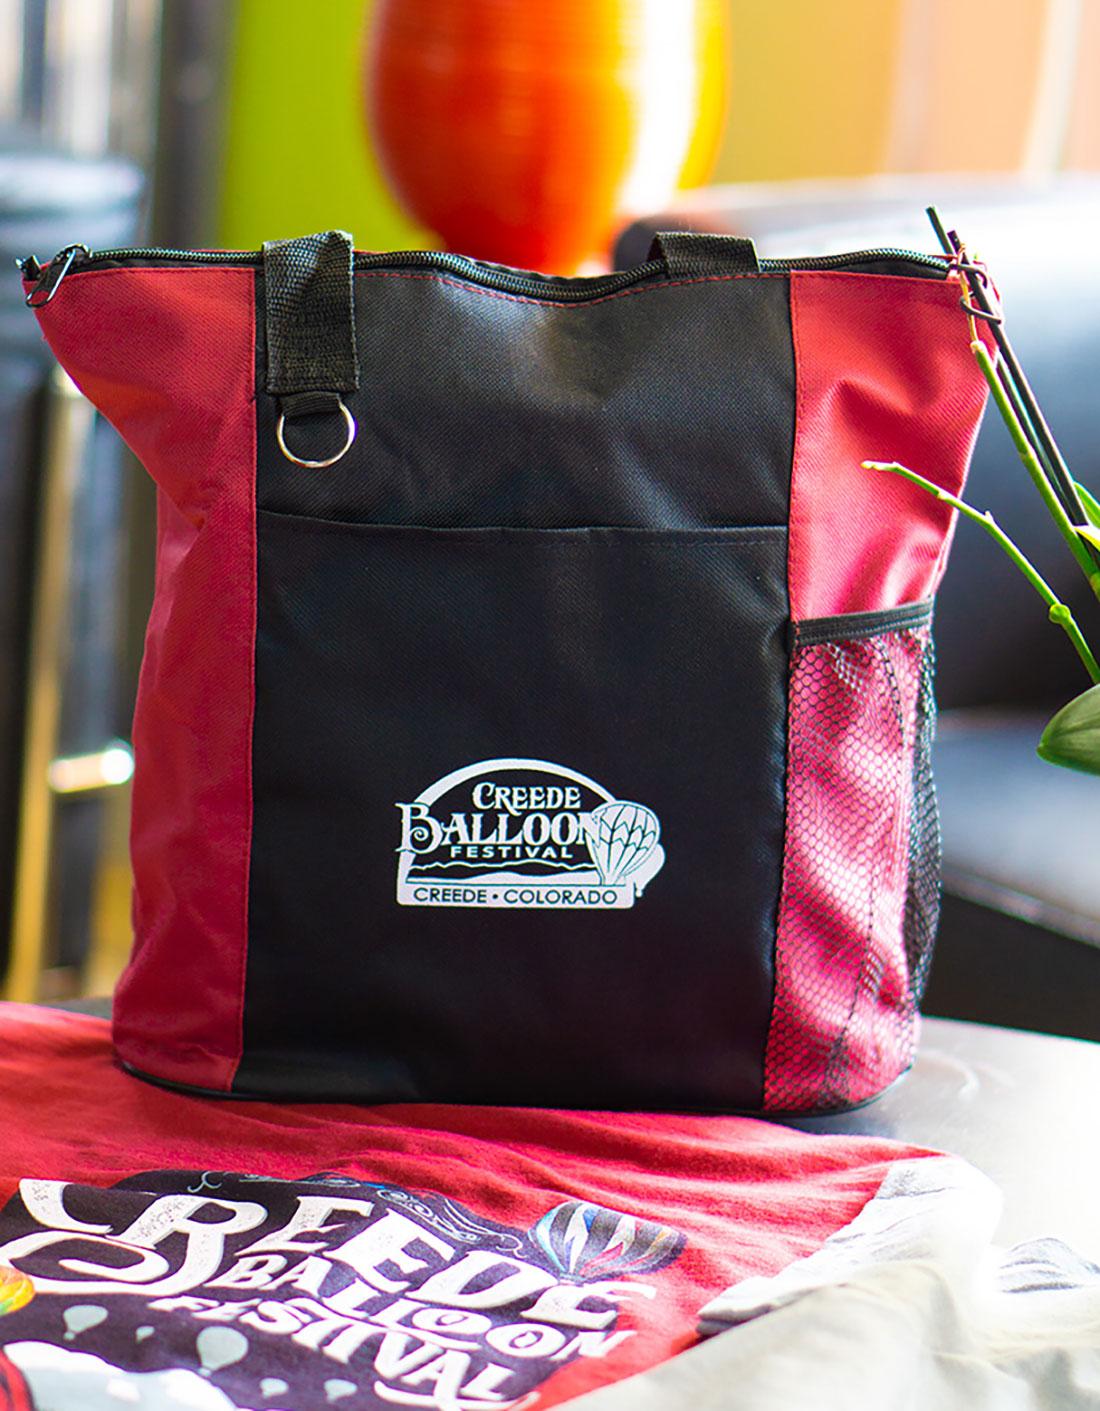 creede-balloon-festival-bag